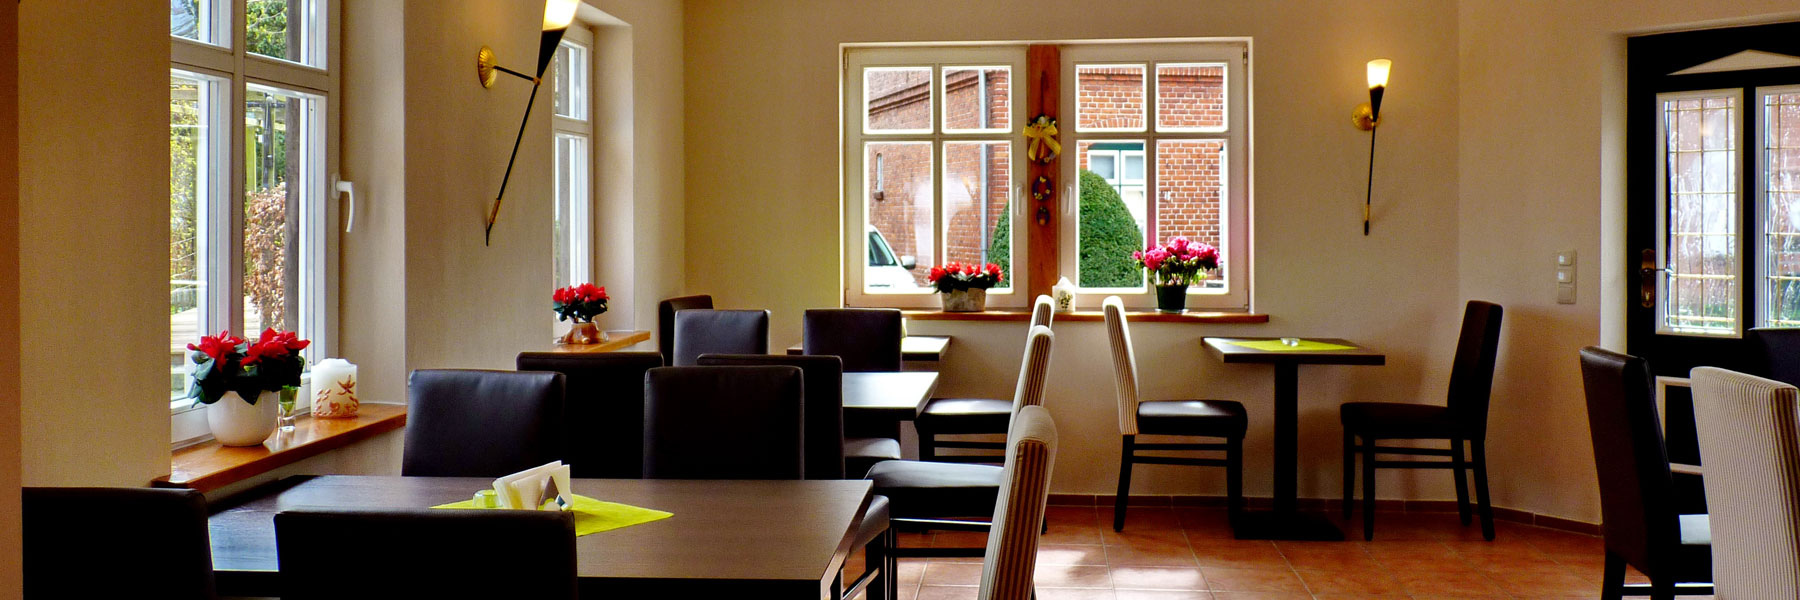 Gastraum - Eis-Café Schumann & Pension